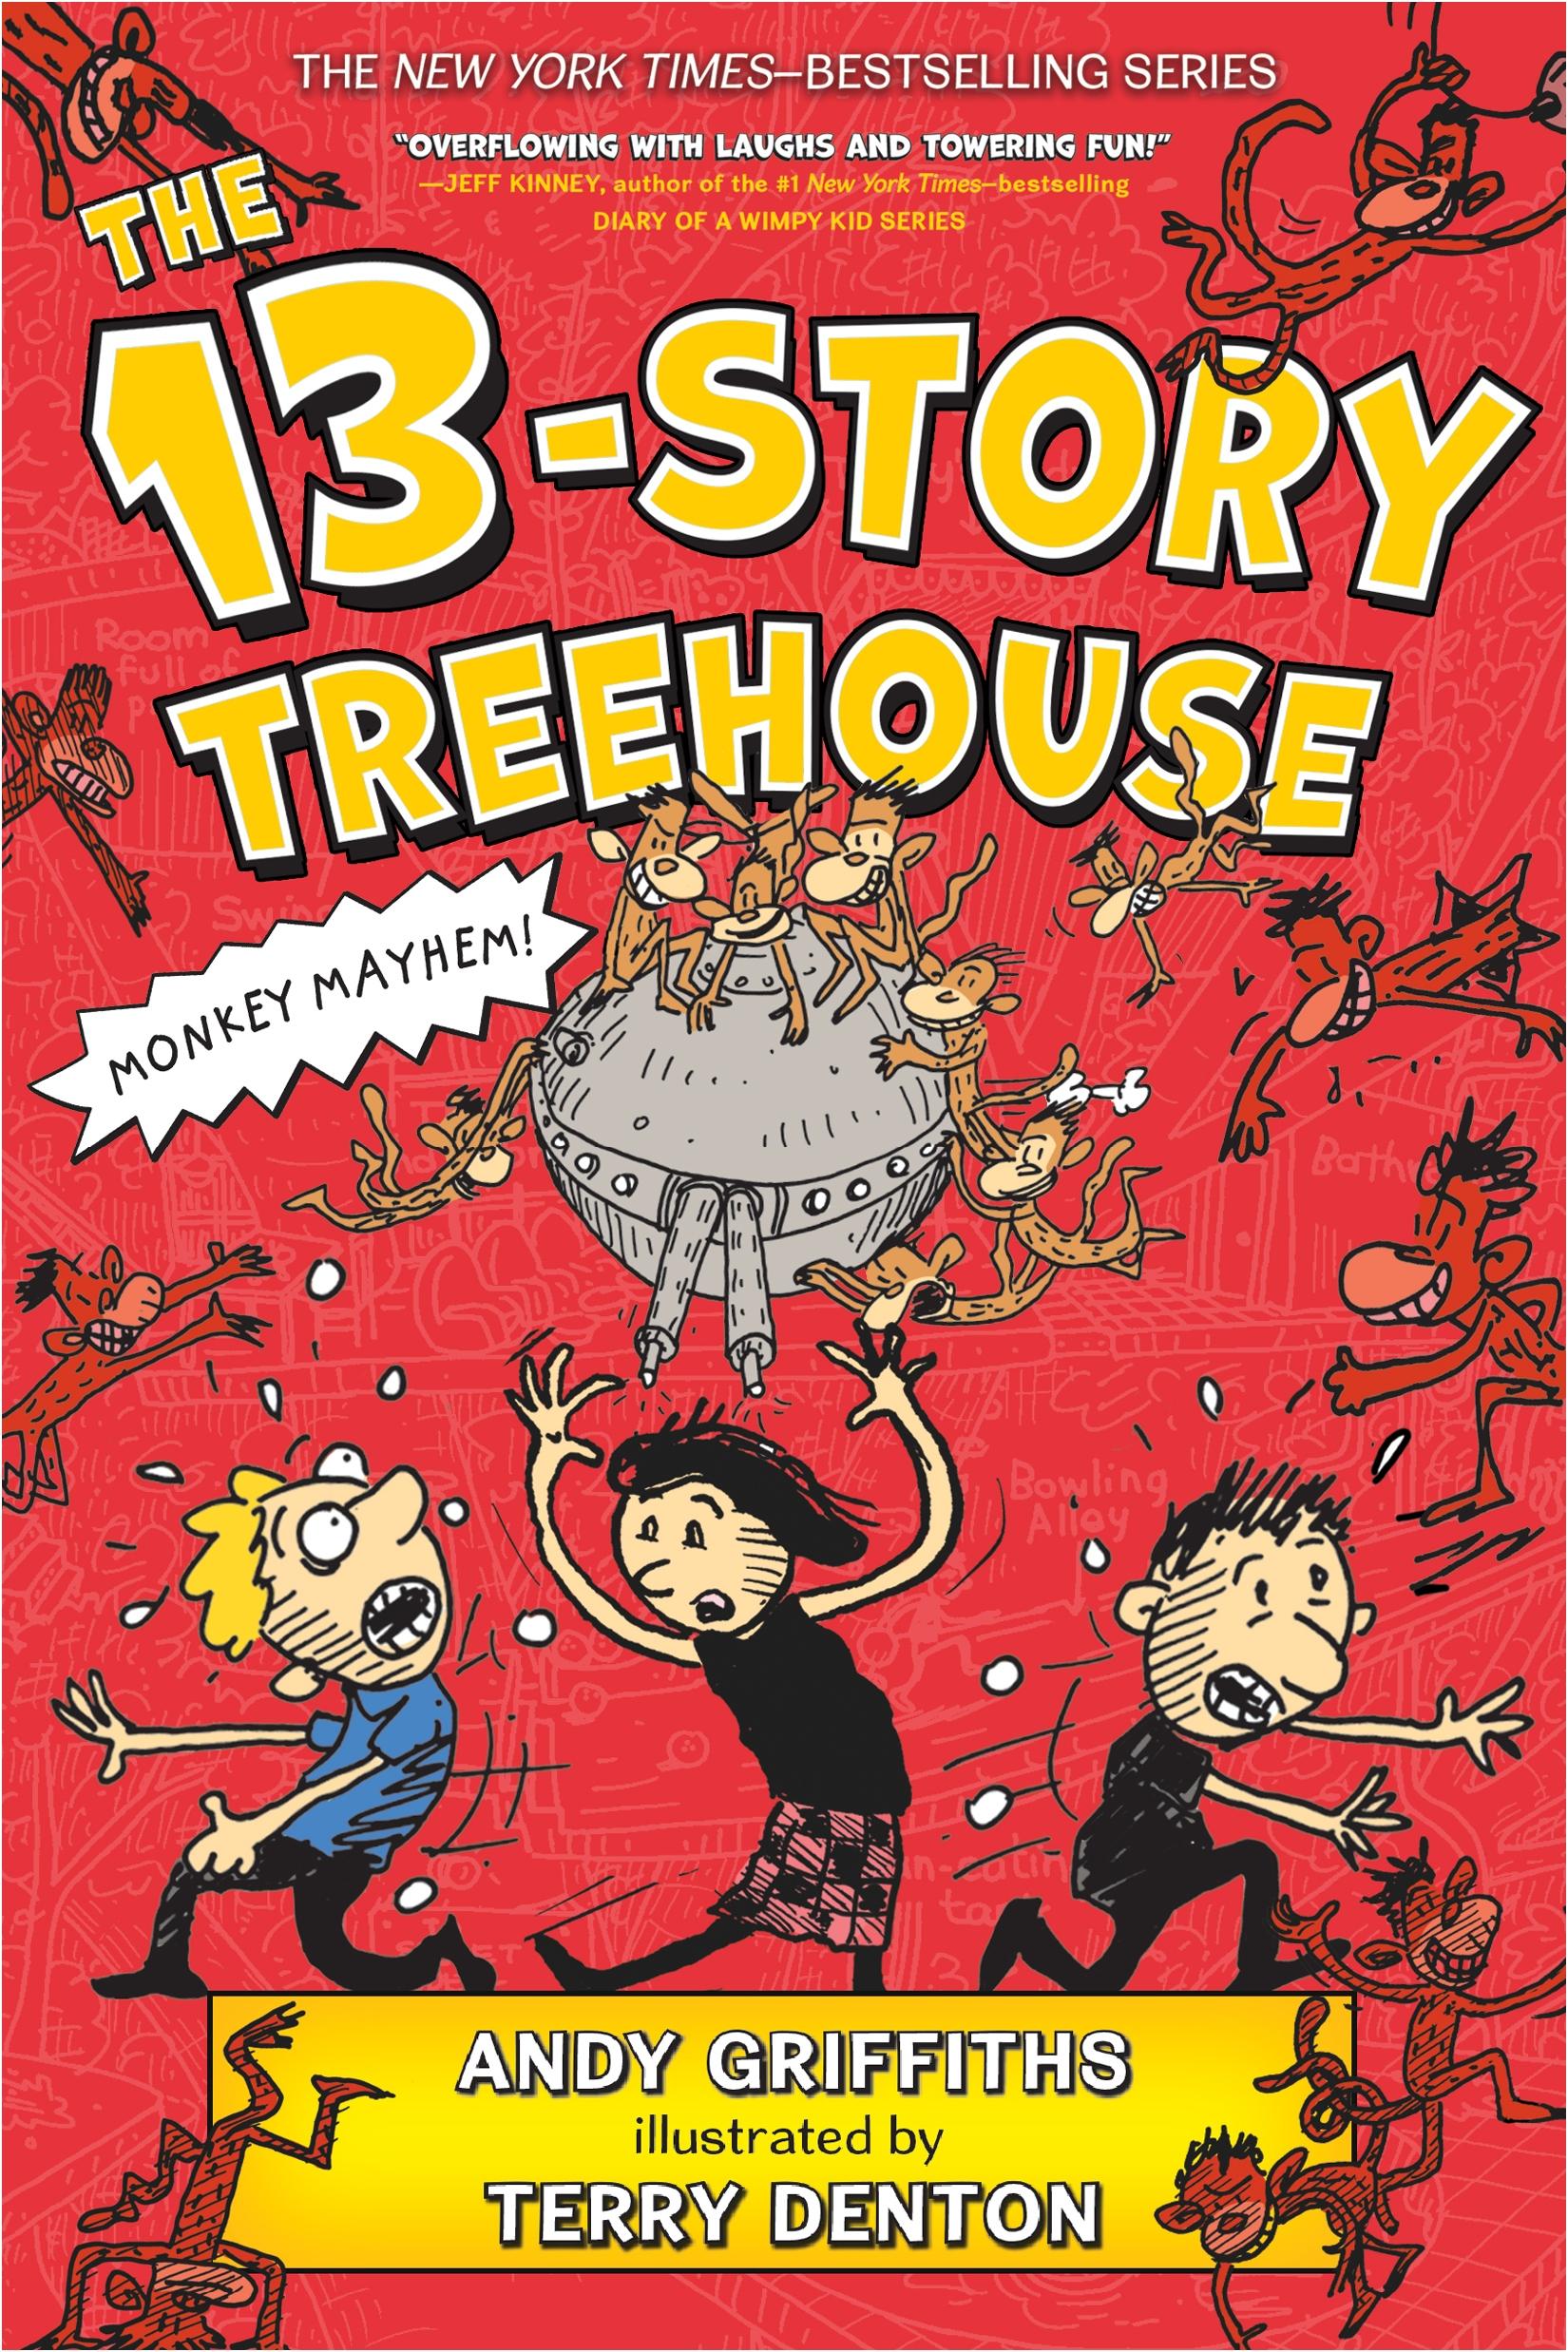 The 13-Story Treehouse Monkey Mayhem!